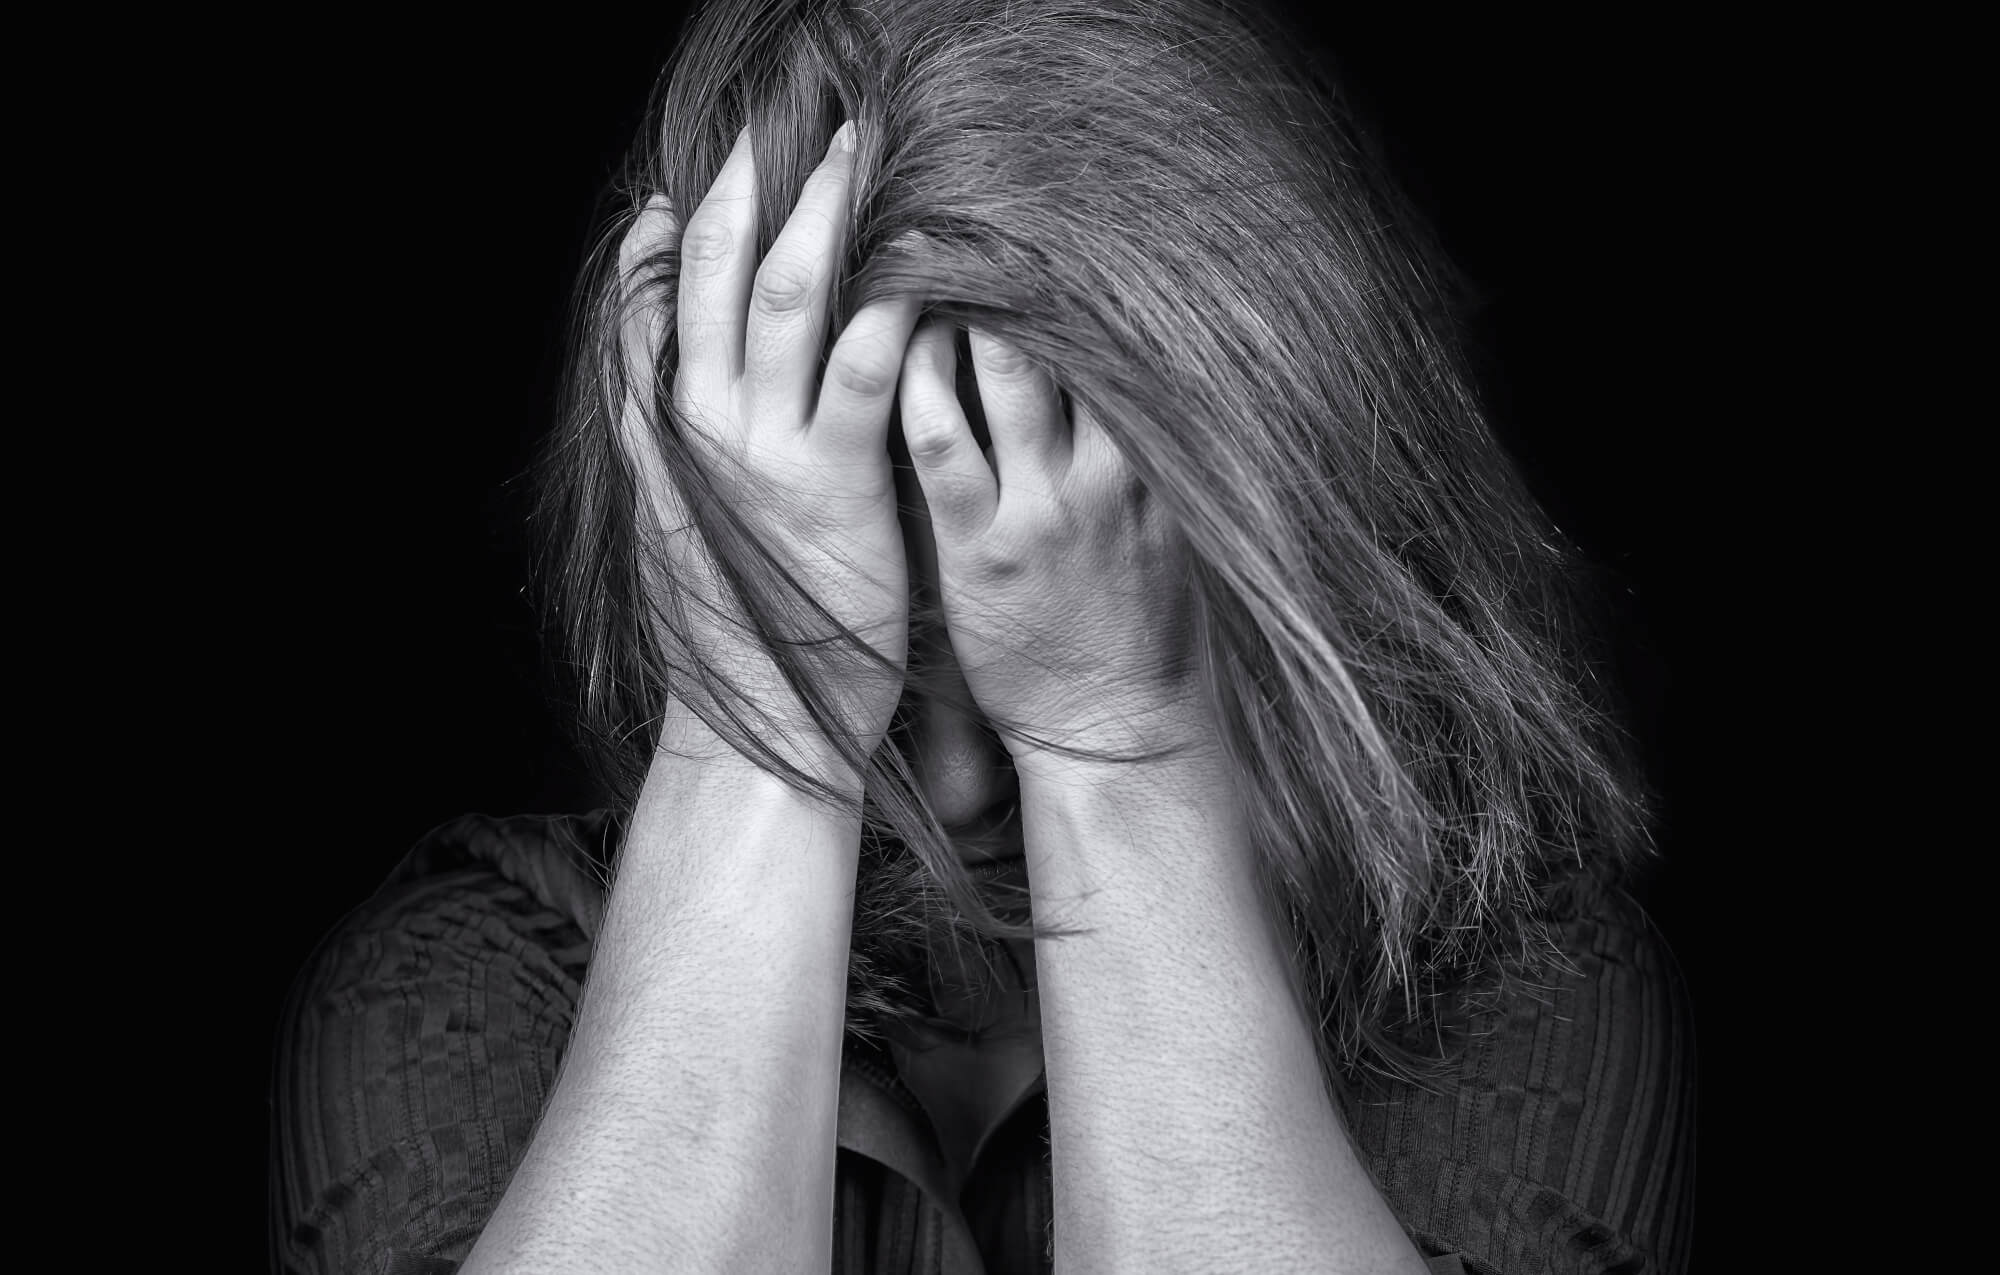 Erstatning for vold og overgrep i utlandet, sjekk voldsoffererstatningsloven.